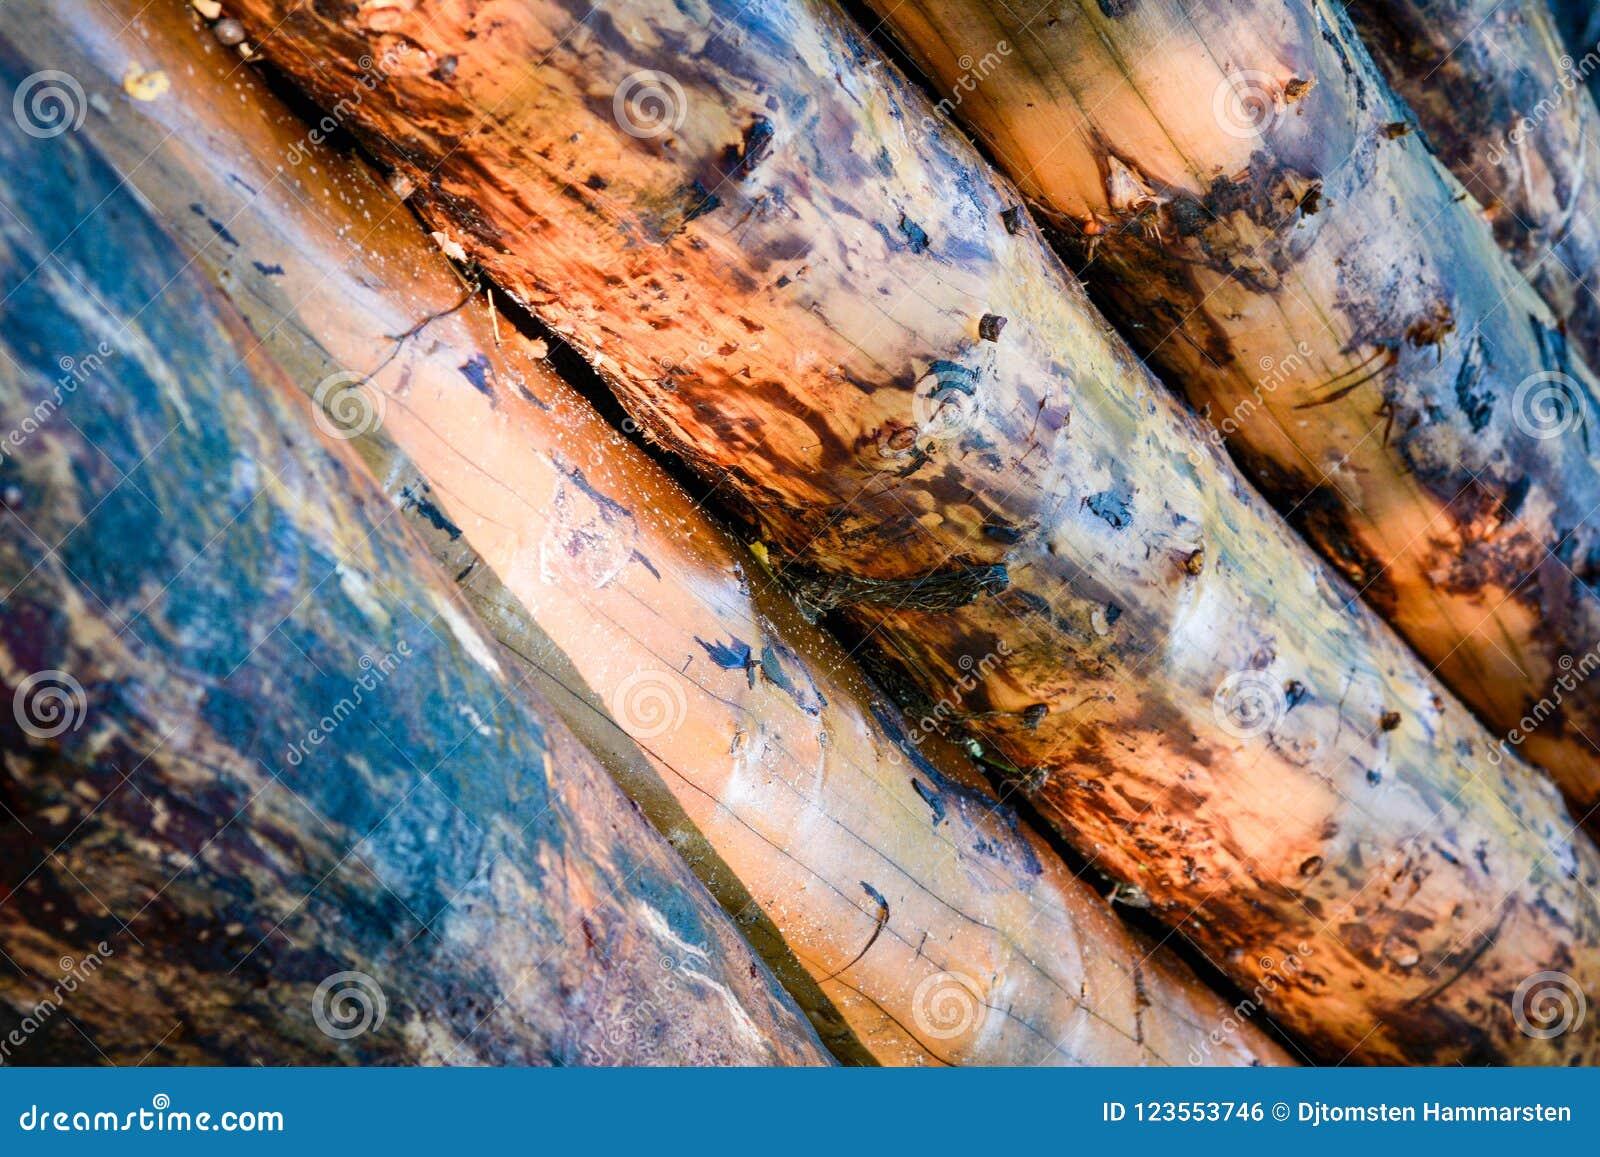 Klotz eingestuft in einem großen Stapel, Wartung Tischler, um alte Häuser zu bauen